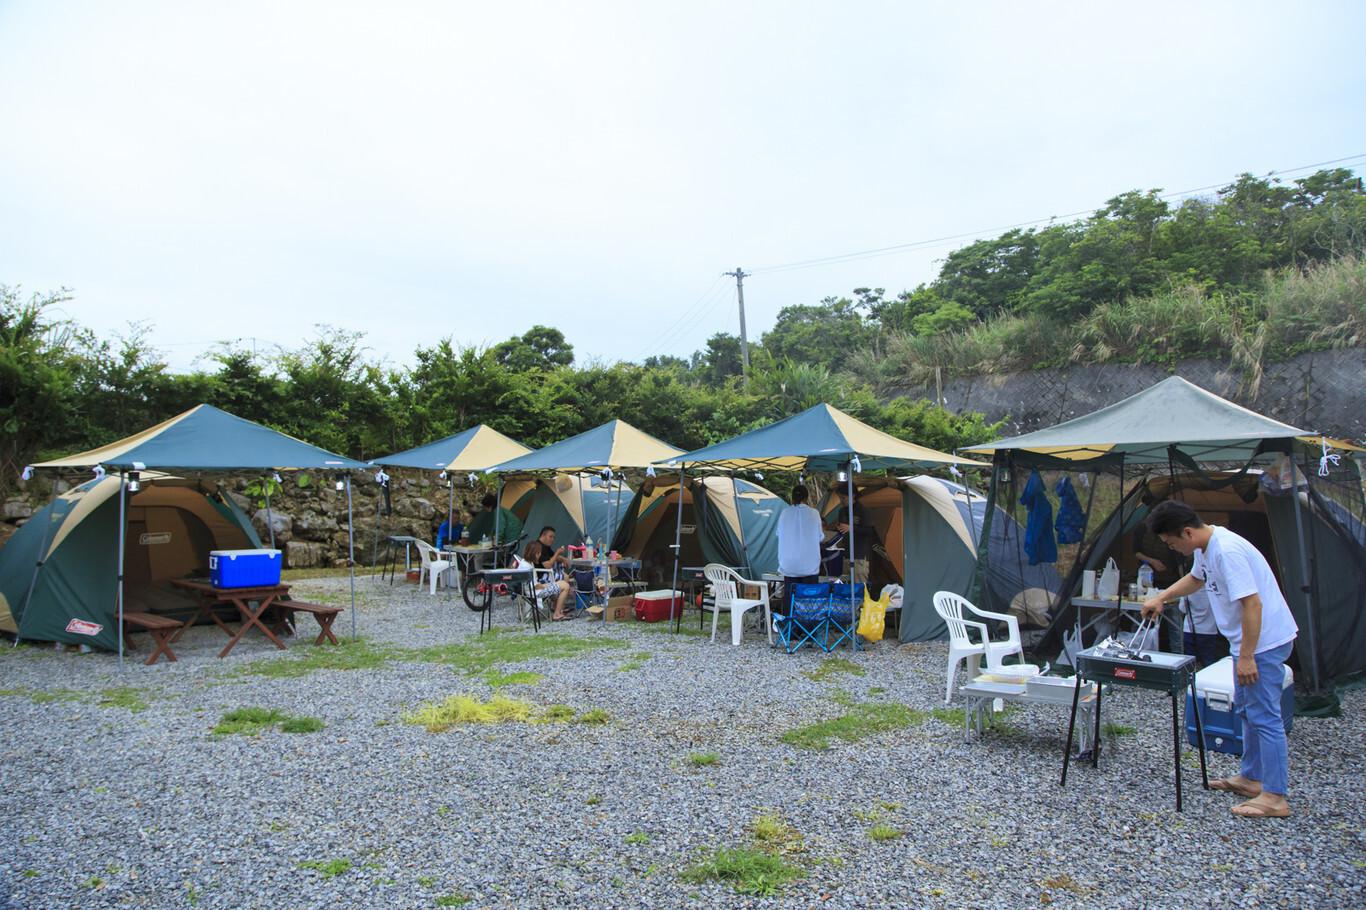 やんばるBBQキャンプ場 の公式写真c14957